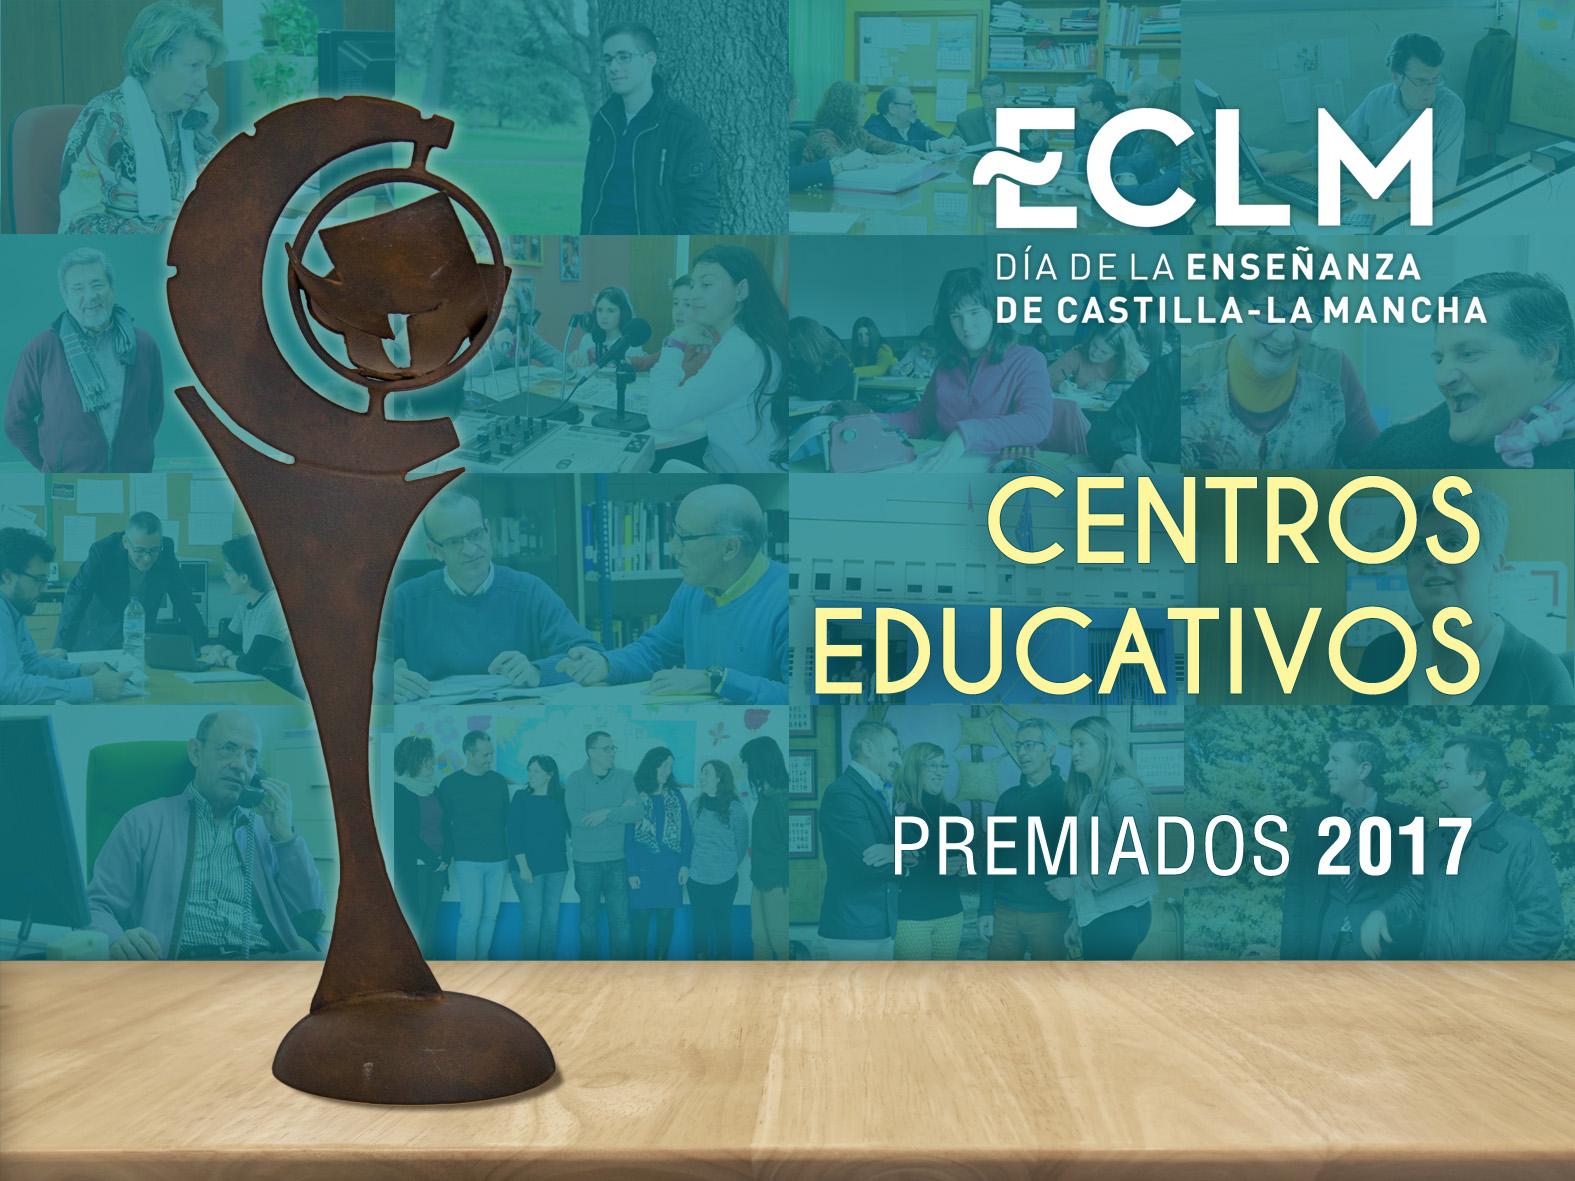 Premiados del Día de la Enseñanza 2017 en la categoría de Centros Educativos